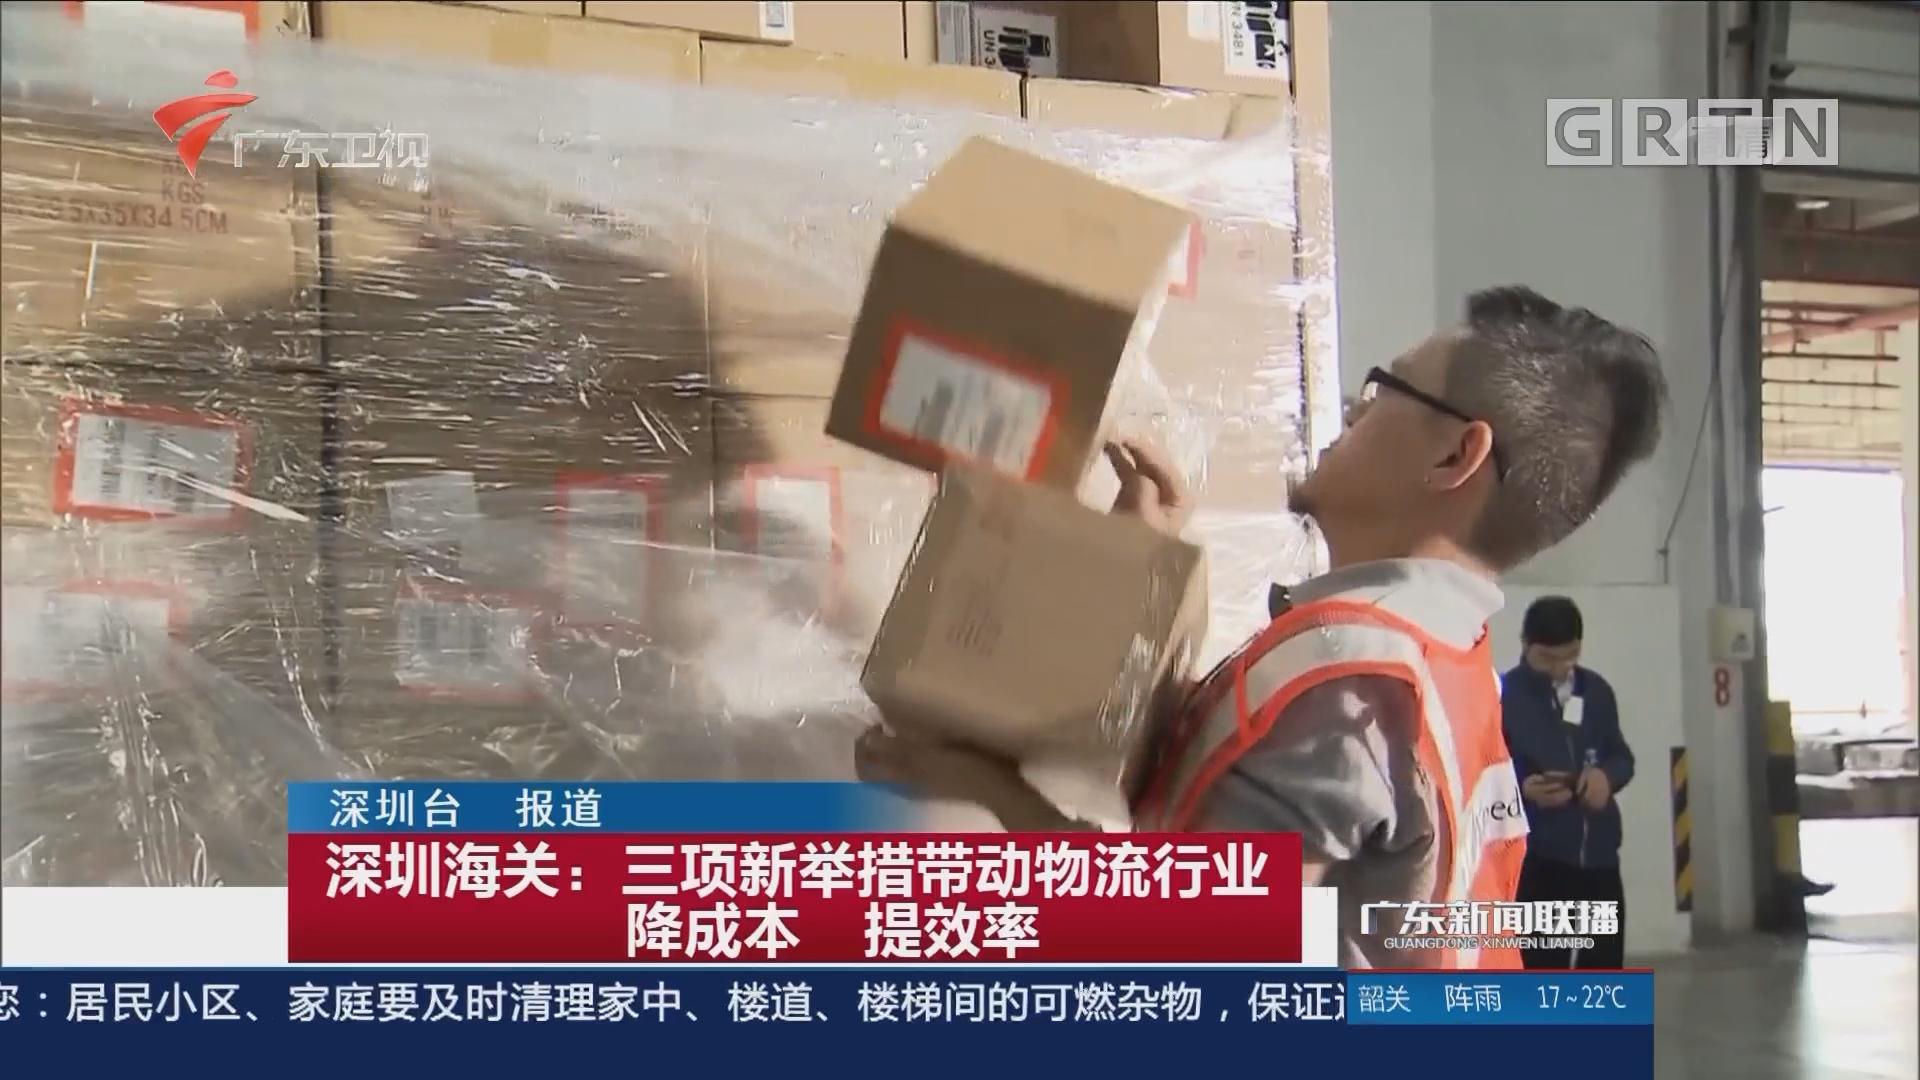 深圳海关:三项新举措带动物流行业降成本 提效率